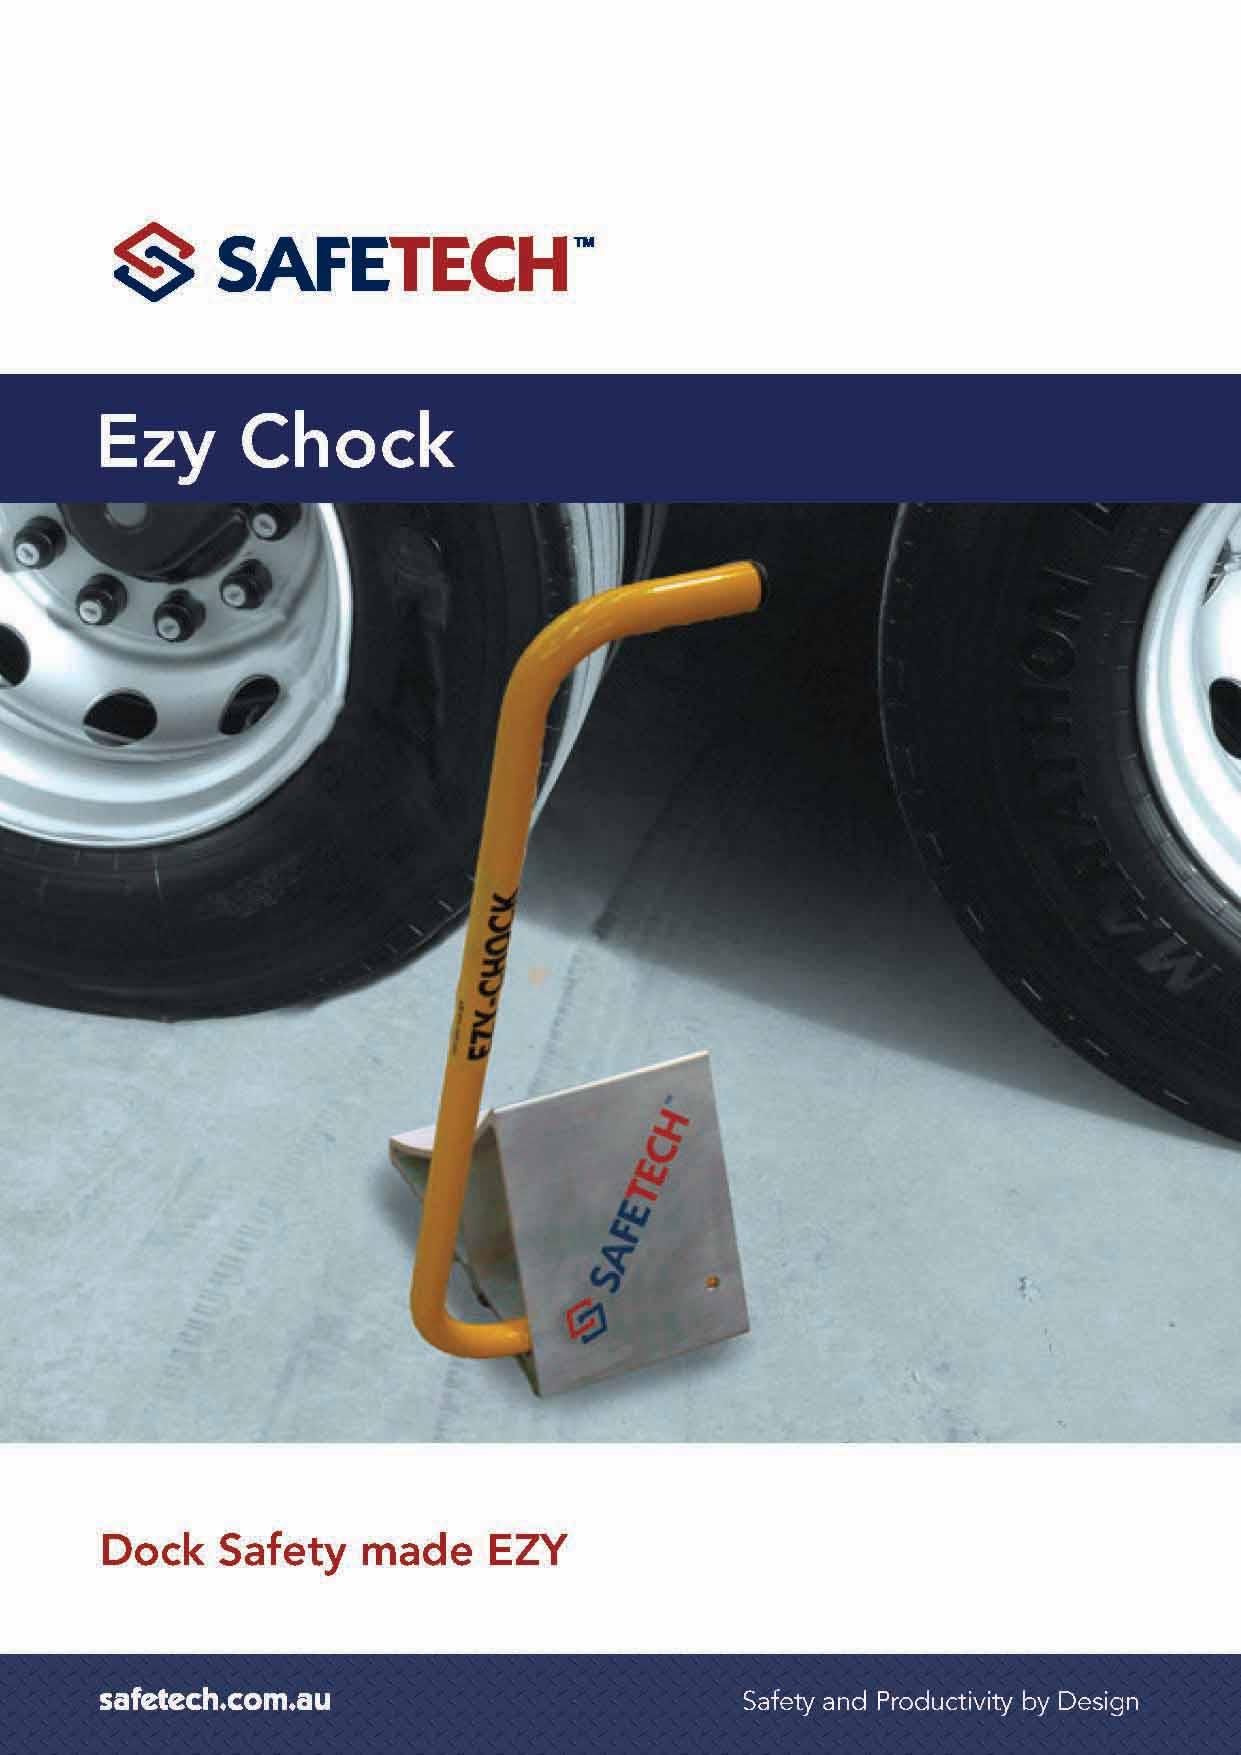 Safetech-EzyChock-A4_V1.0_Page_1